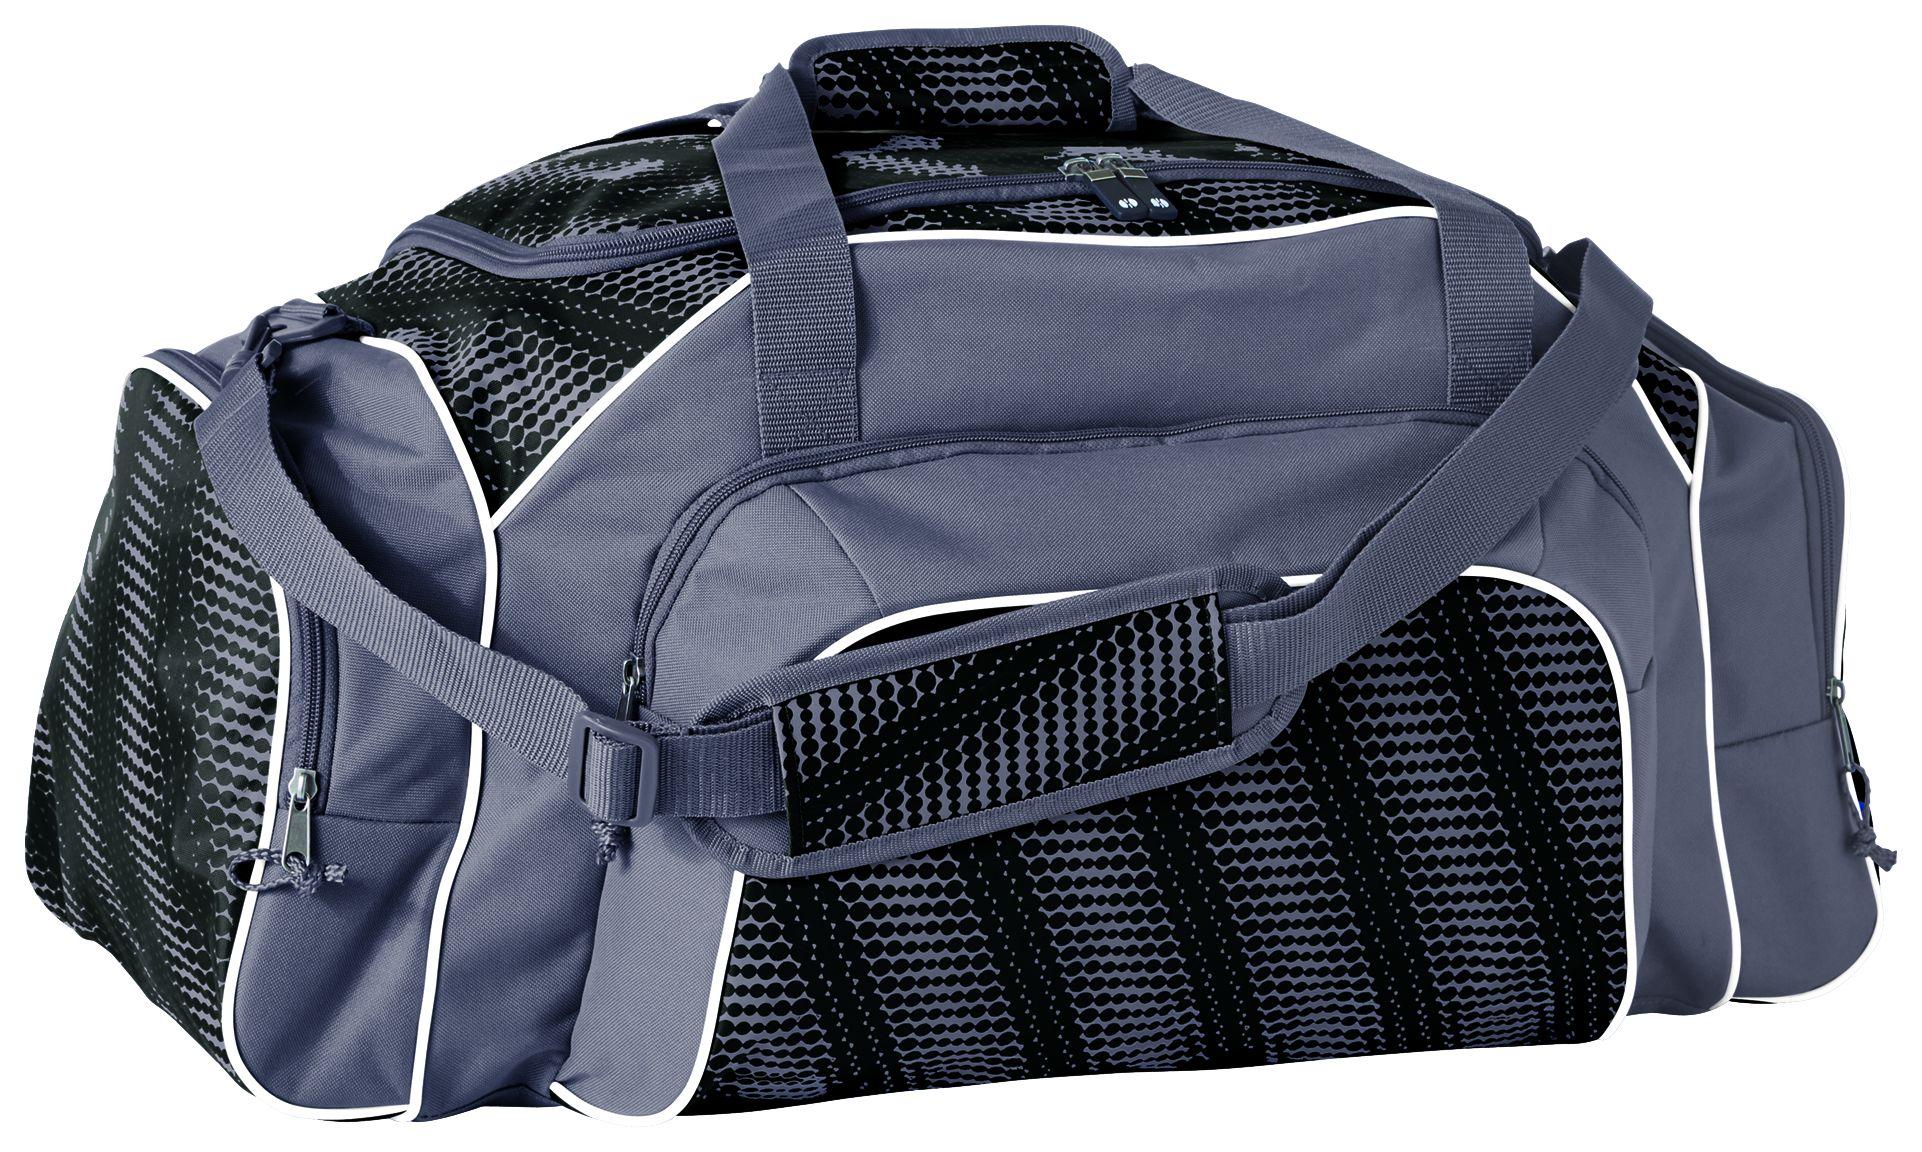 Tournament Duffel Bag - BLACK/GRAPHITE/WHITE